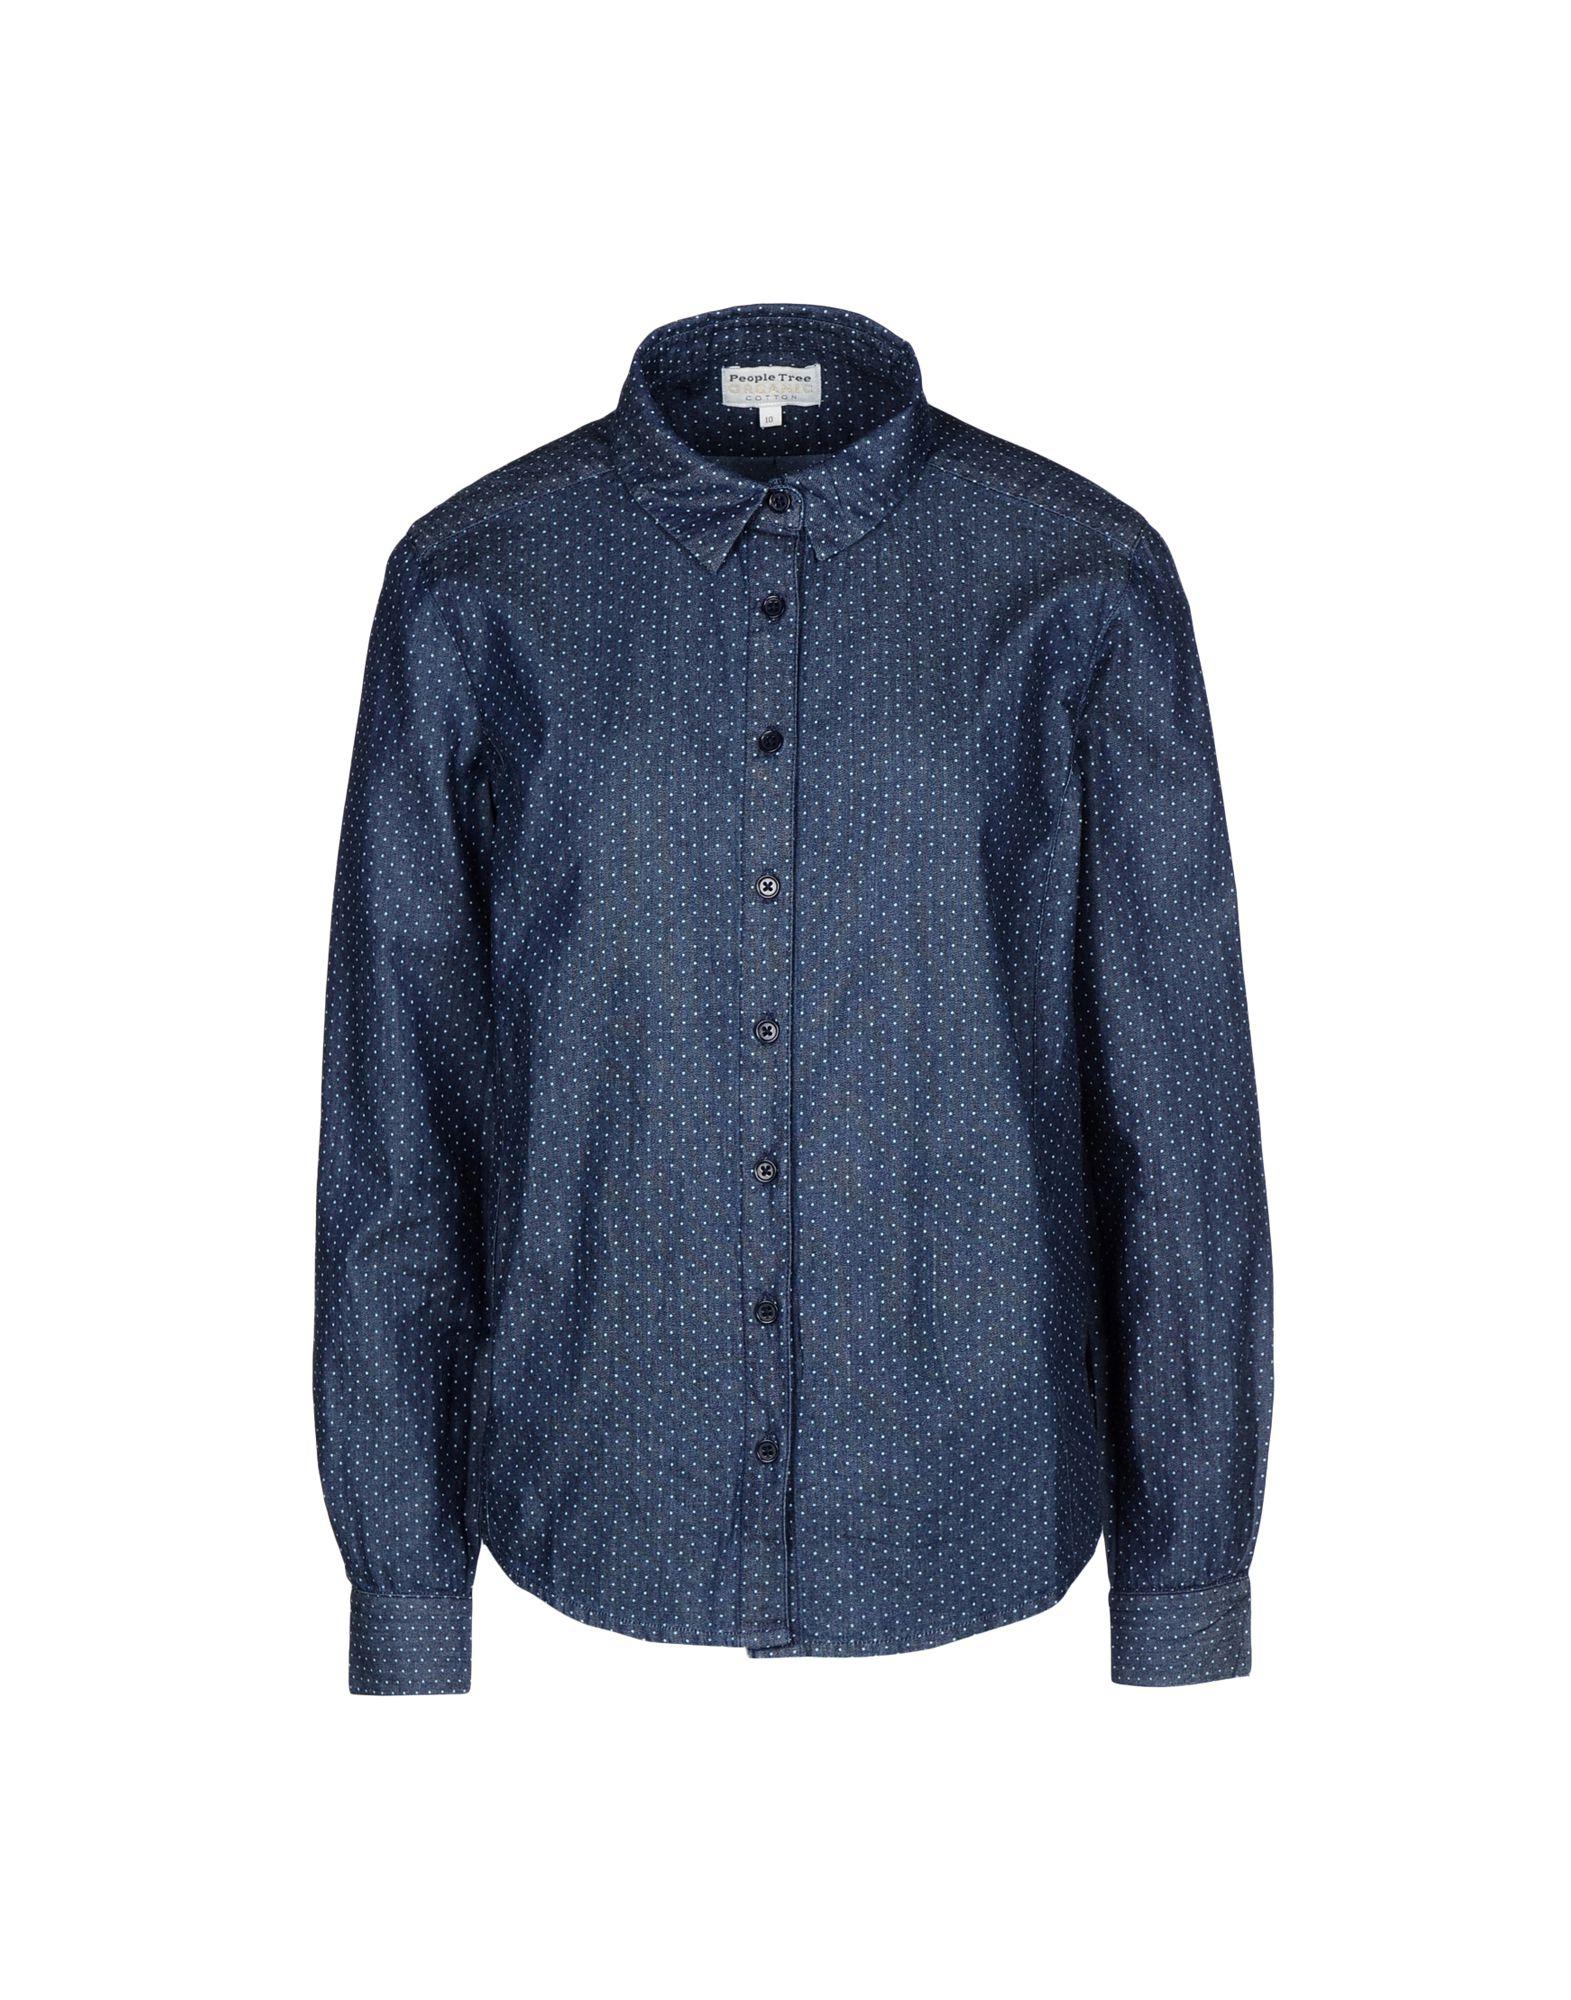 где купить PEOPLE TREE Джинсовая рубашка по лучшей цене